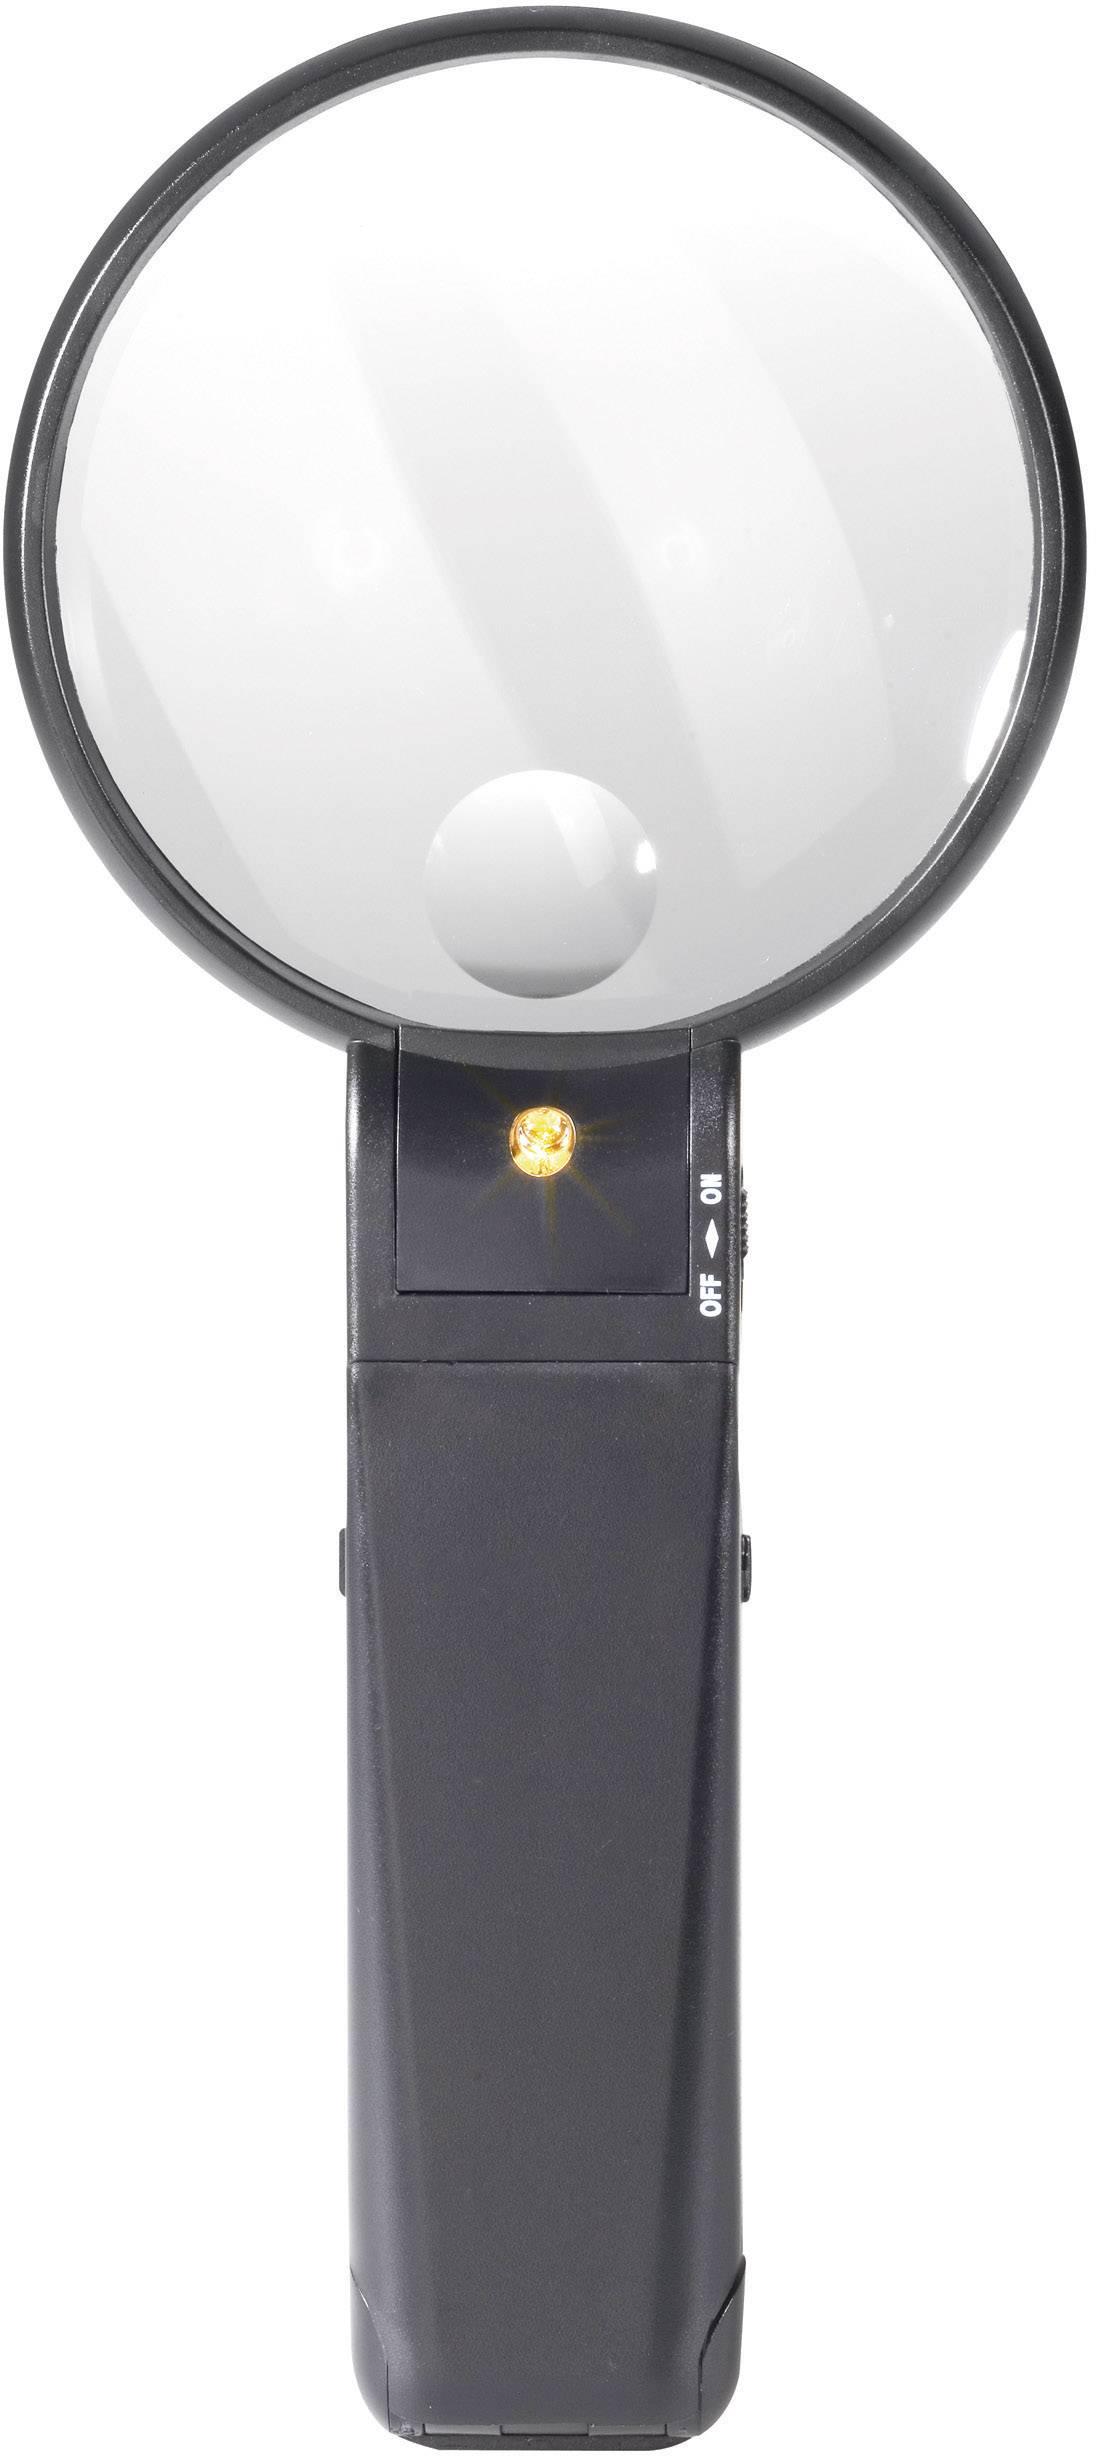 Stolná lupa s osvetlením TOOLCRAFT 821 010